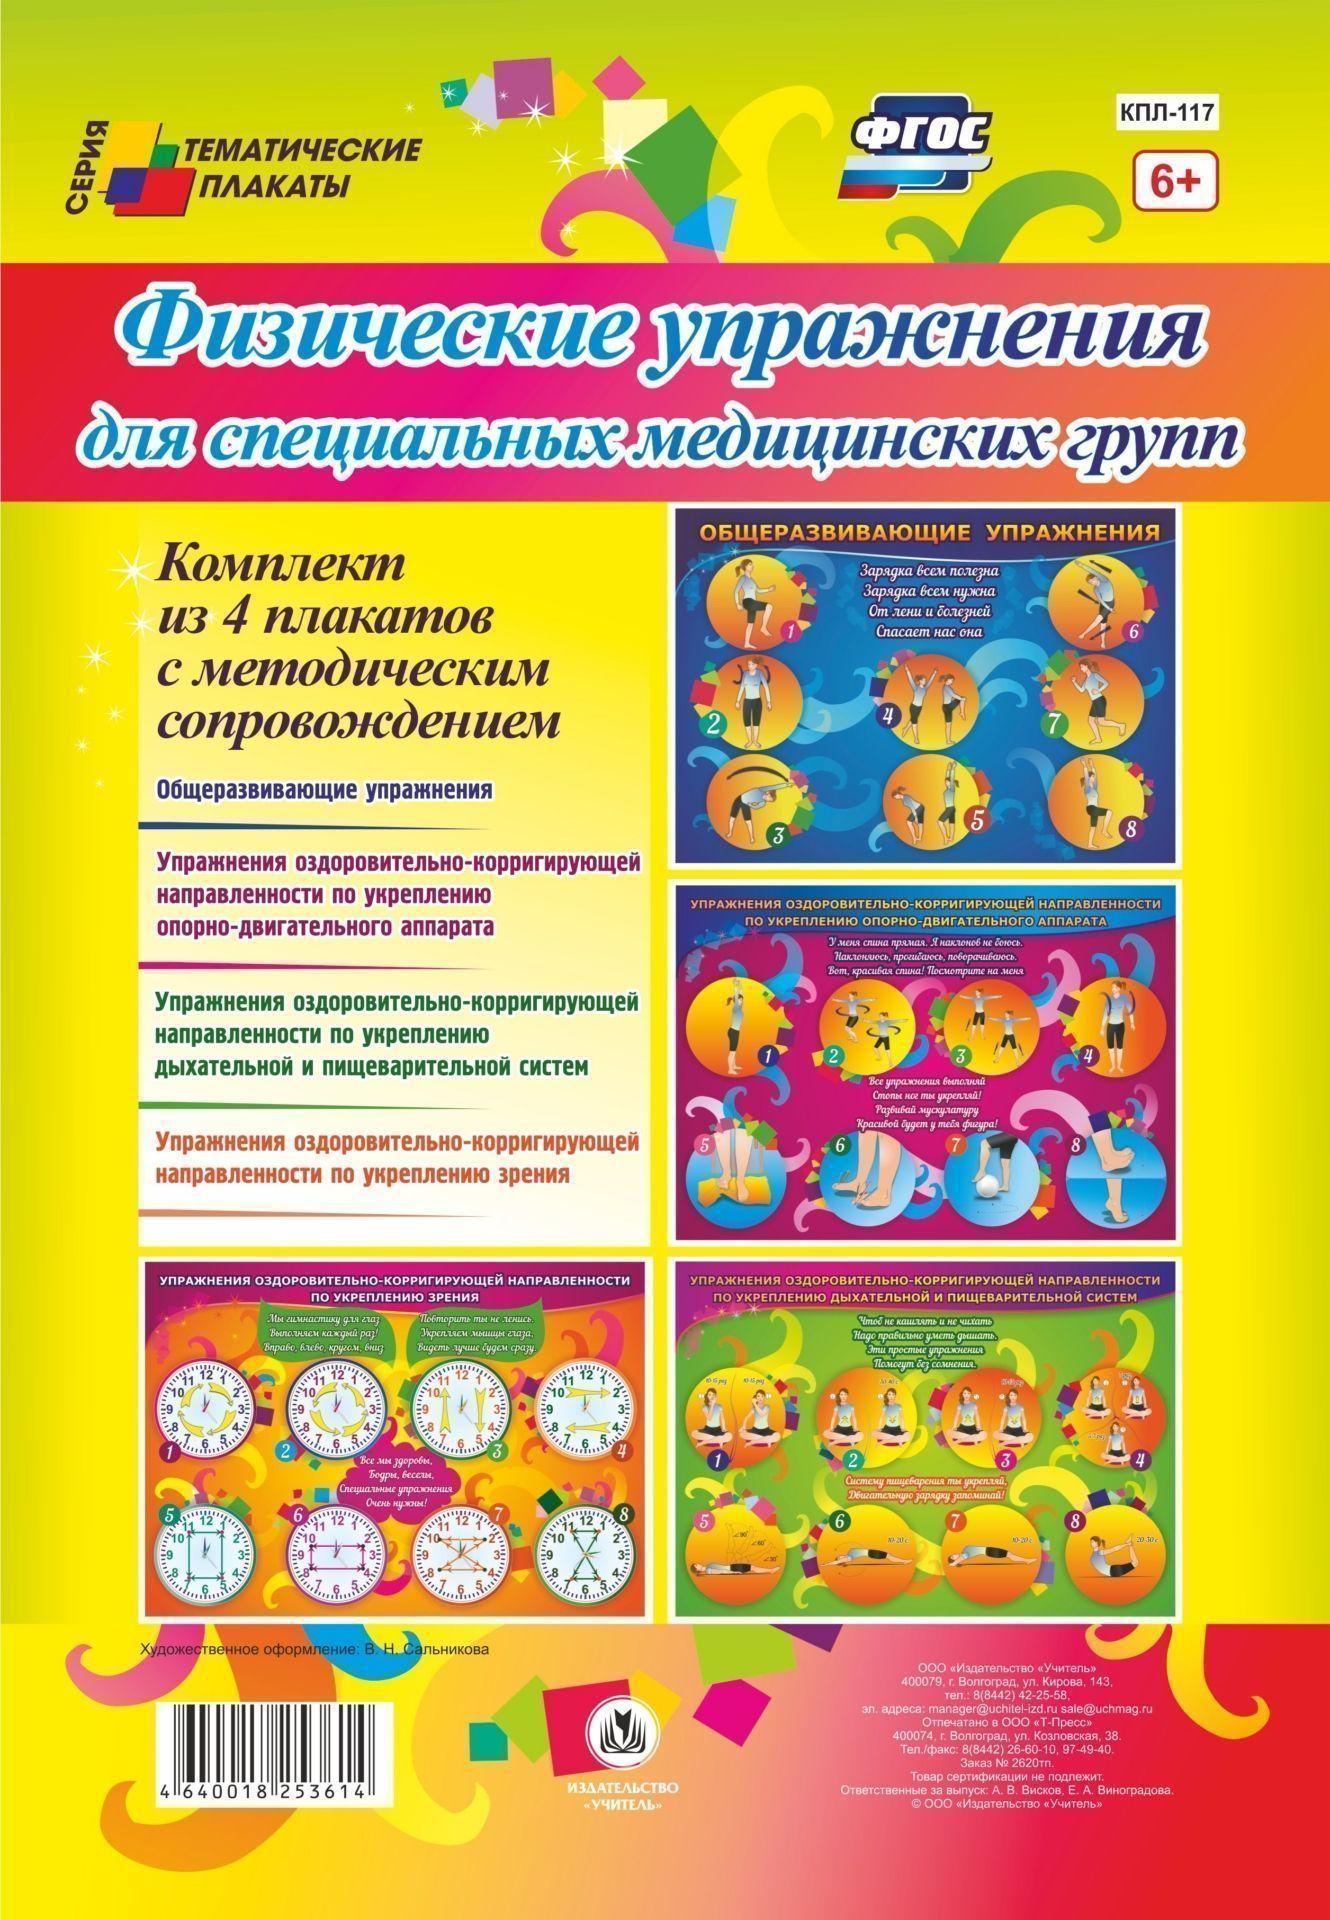 Комплект плакатов Физические упражнения для специальных медицинских групп: 4 плаката с методическим сопровождениемИнформационно-деловое оснащение ДОО<br>Комплект тематических плакатов Физические упражнения для специальных медицинских групп включает 4 красочных иллюстрированных плакатов:1. Общеразвивающие упражнения.2. Упражнения оздоровительно-корригирующей направленности по укреплению опорно-двигательн...<br><br>Год: 2017<br>Серия: Тематические плакаты<br>Высота: 594<br>Ширина: 420<br>Толщина: 2